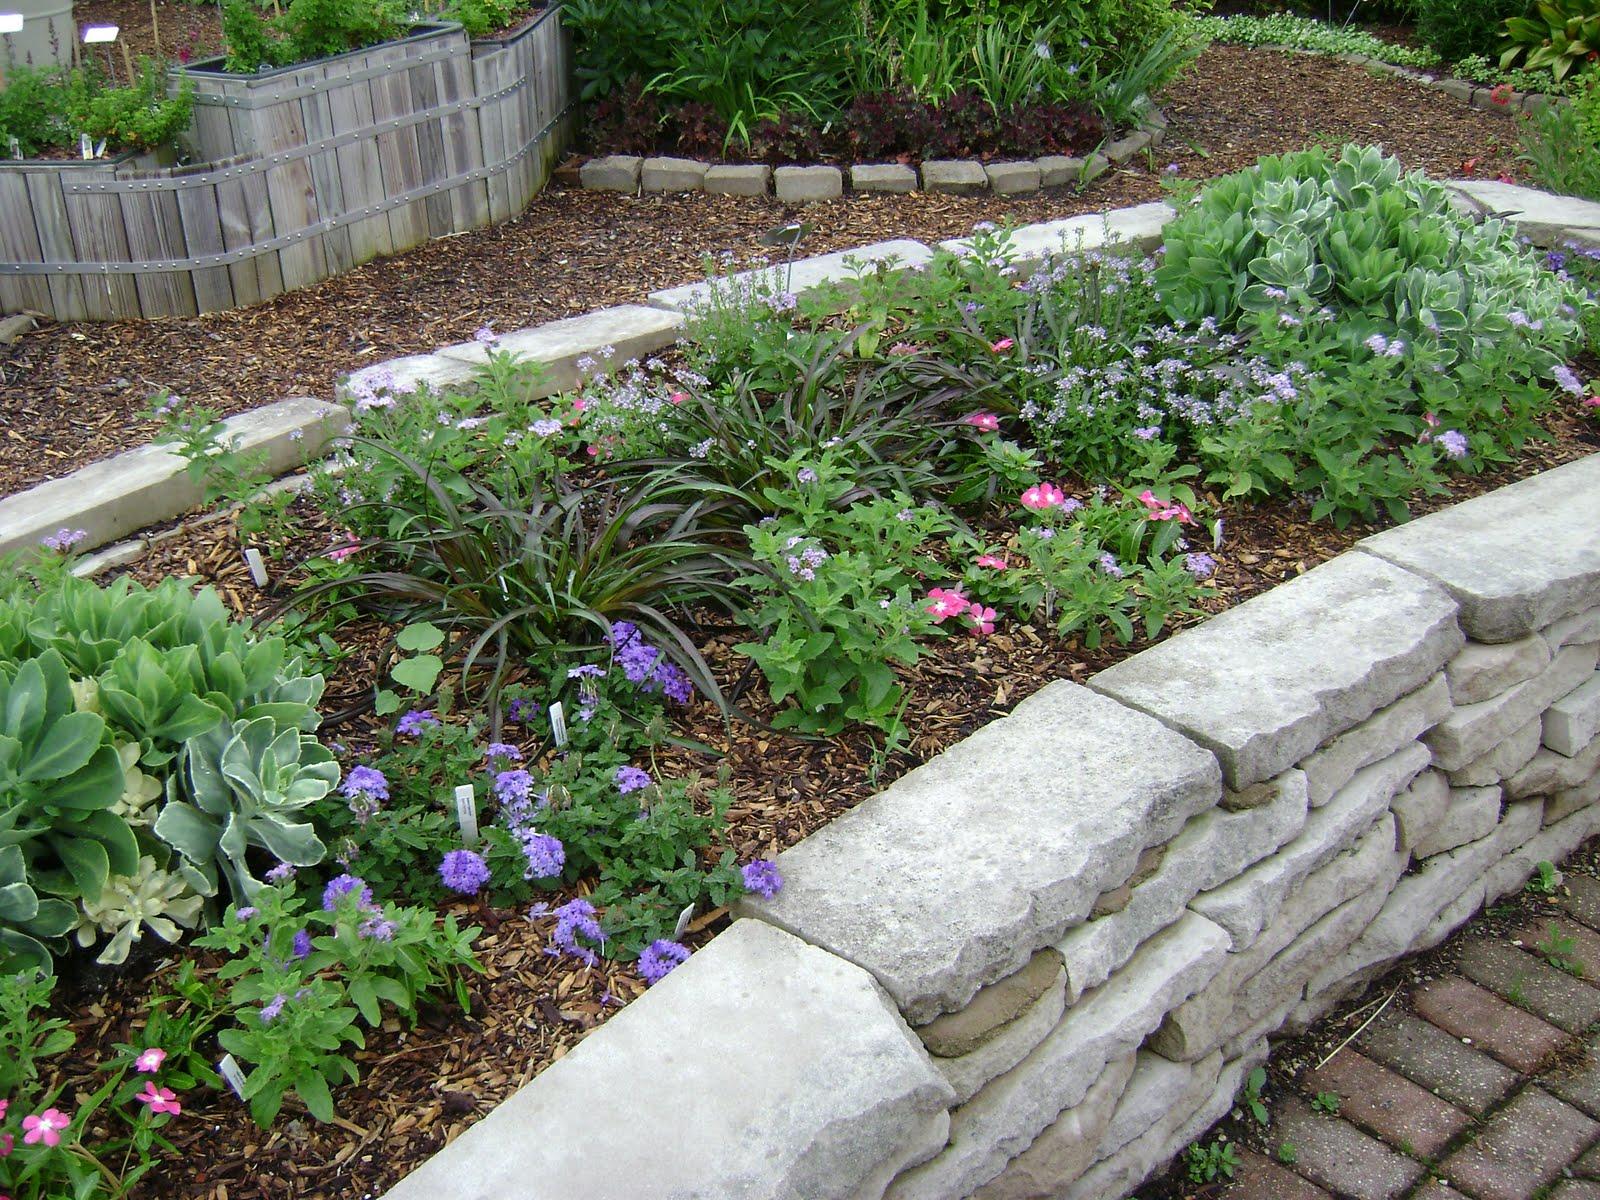 Prairie Rose\'s Garden: Ideas Galore in the Idea Garden